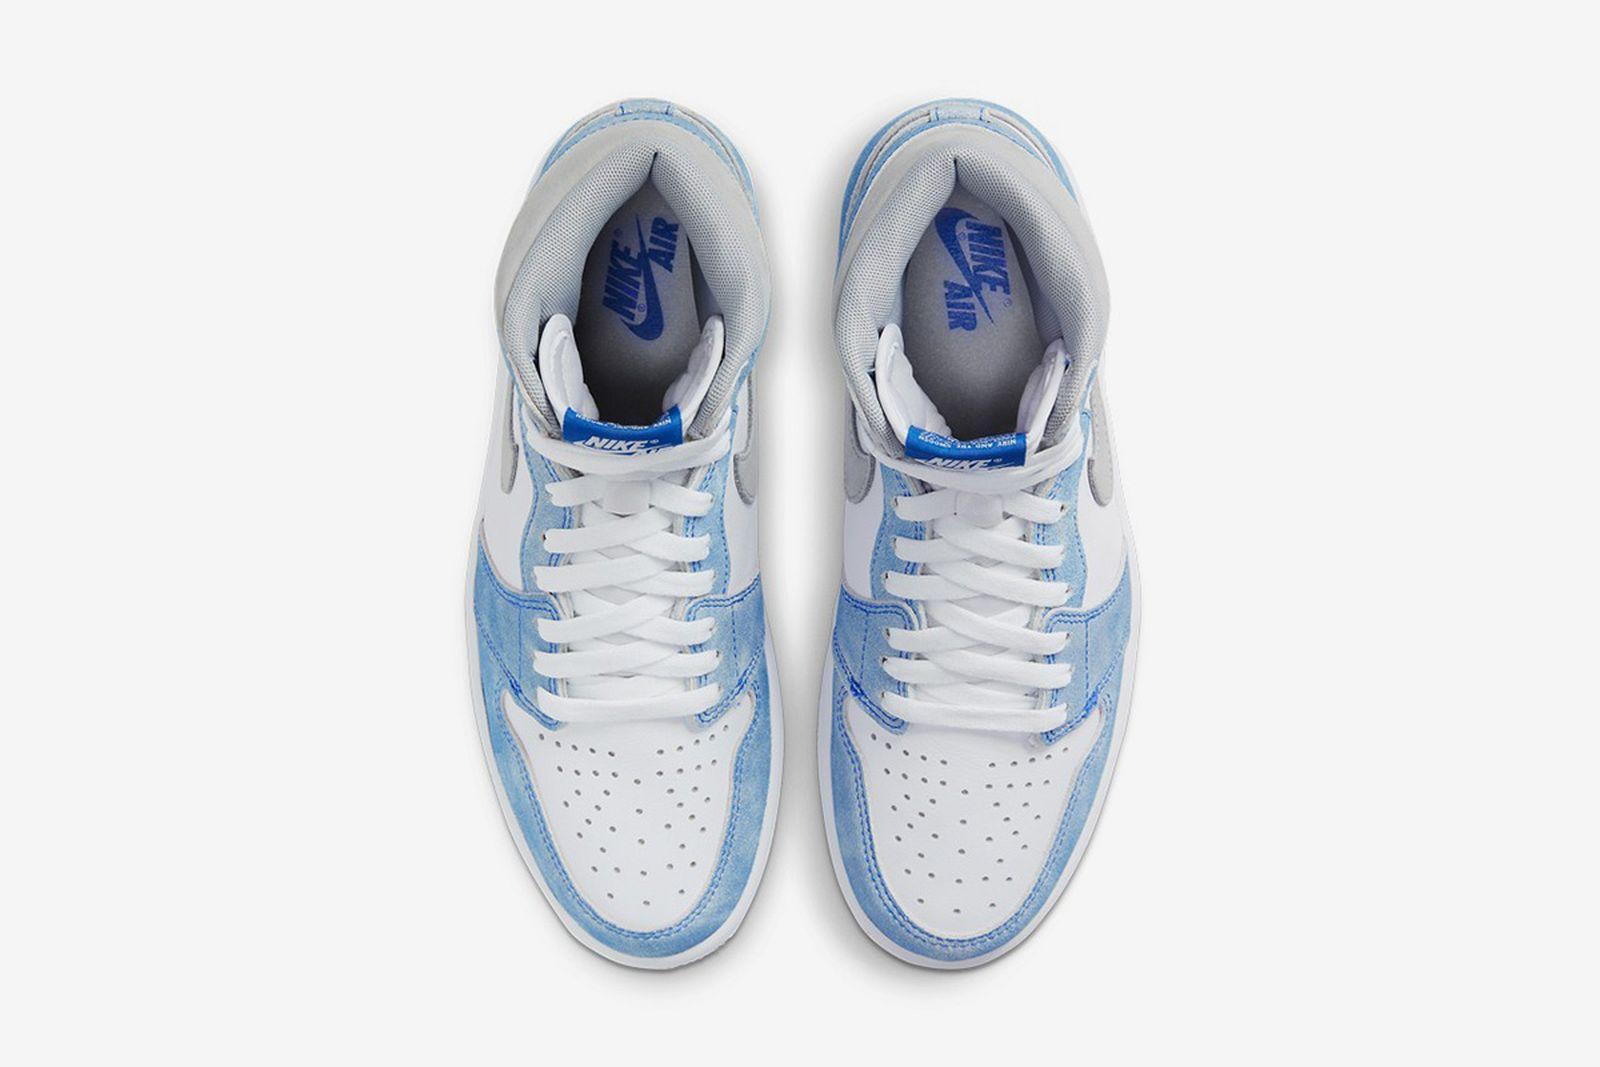 air-jordan-1-hyper-royal-release-date-price-03